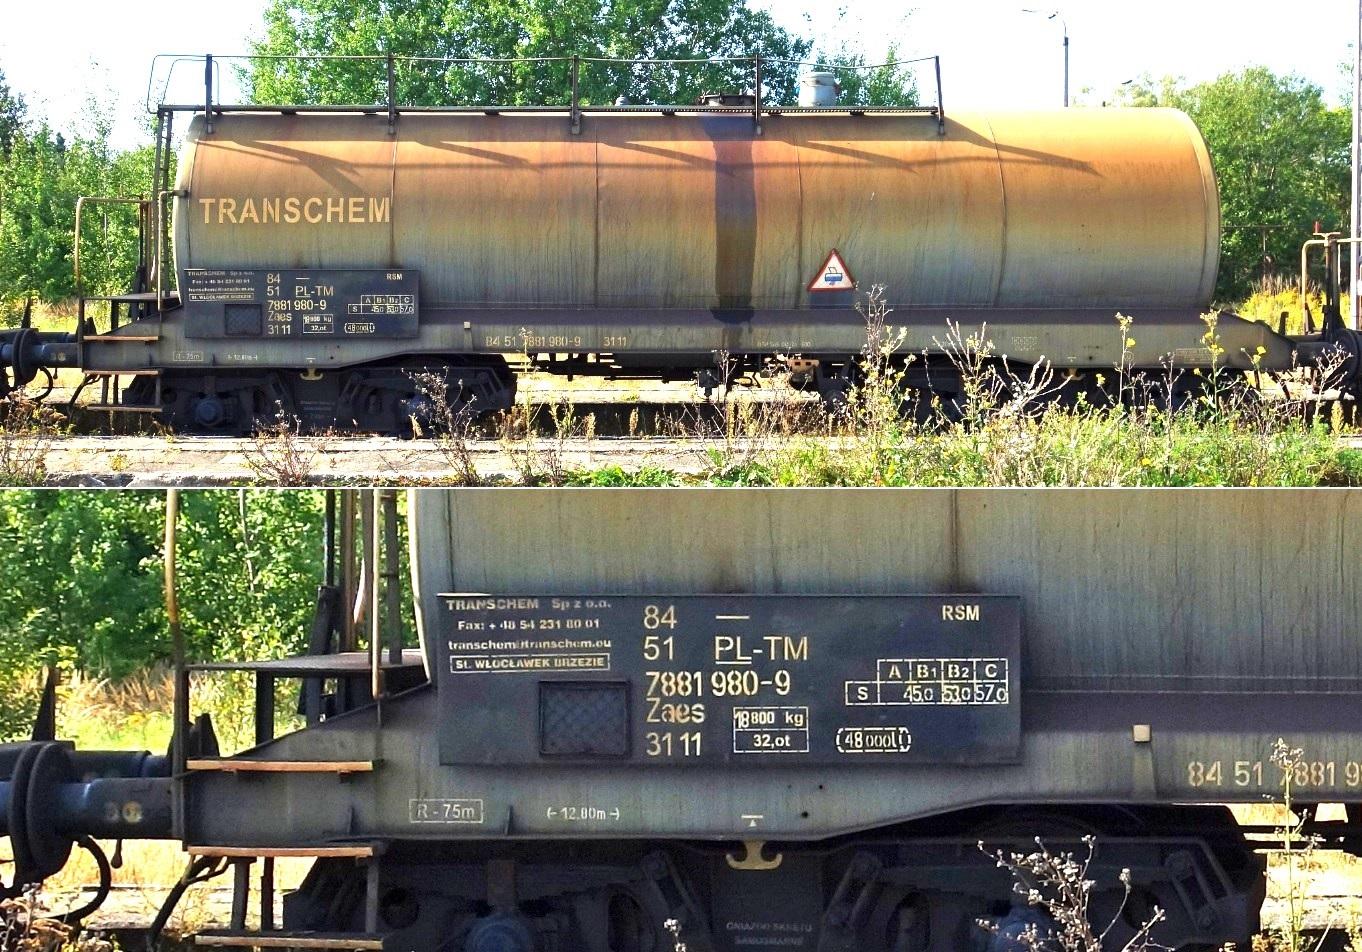 3. Stacja Dobre Miasto. Cysterna do przewozu RSM typu 29R TRANSCHEM (2).jpg